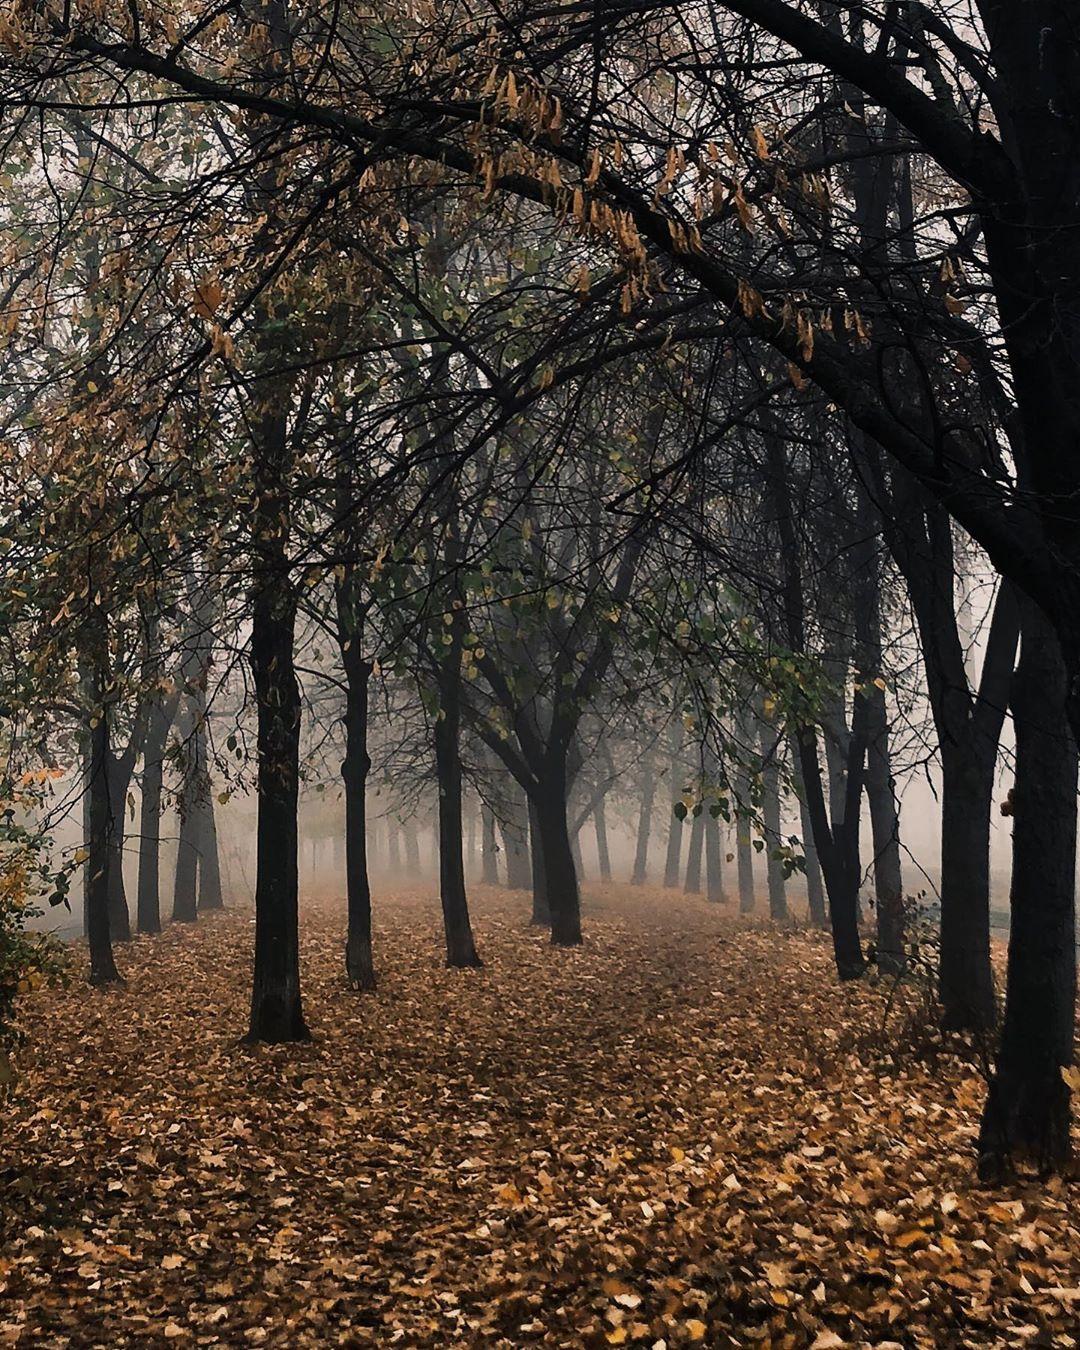 И снова максимально осеннее фото - парк, туман, опавшие листья. И все это - от @inna5sl